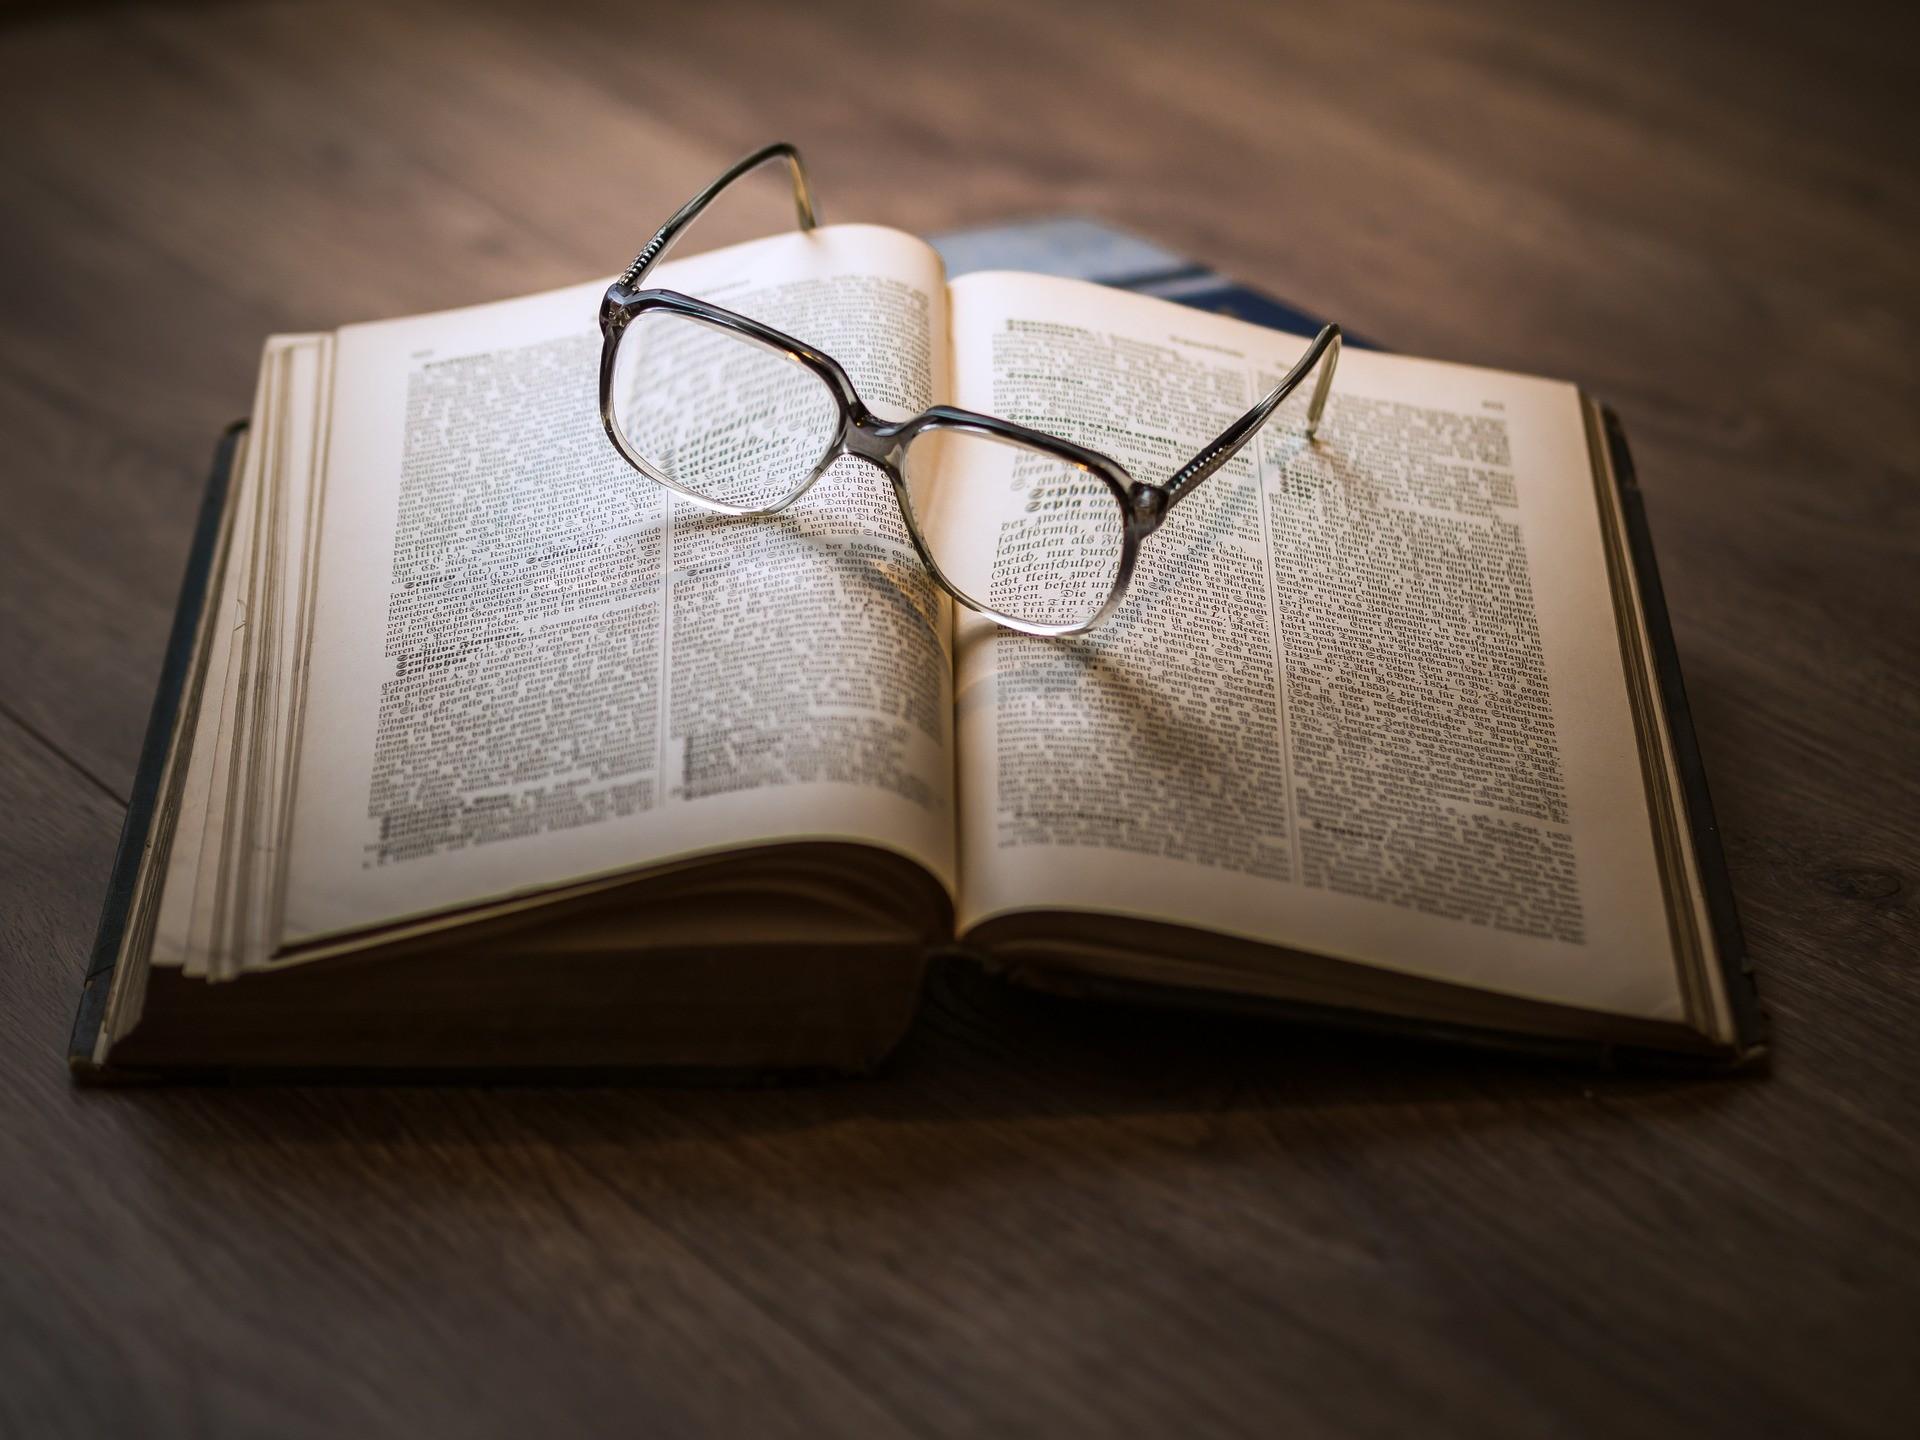 ▲書 。(圖/取自免費圖庫pixabay)